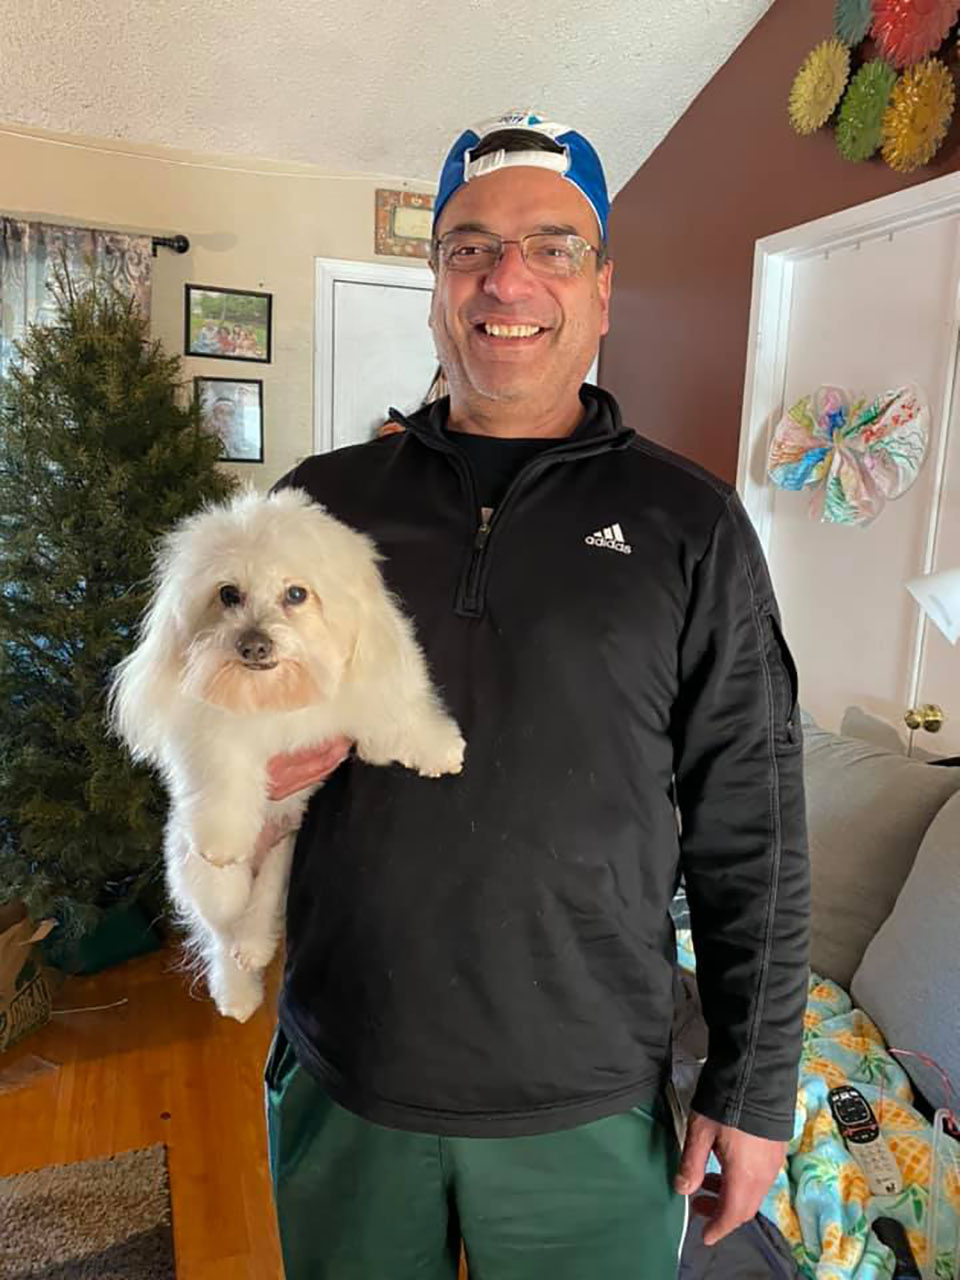 Esposo vuelve a casa con el perro equivocado